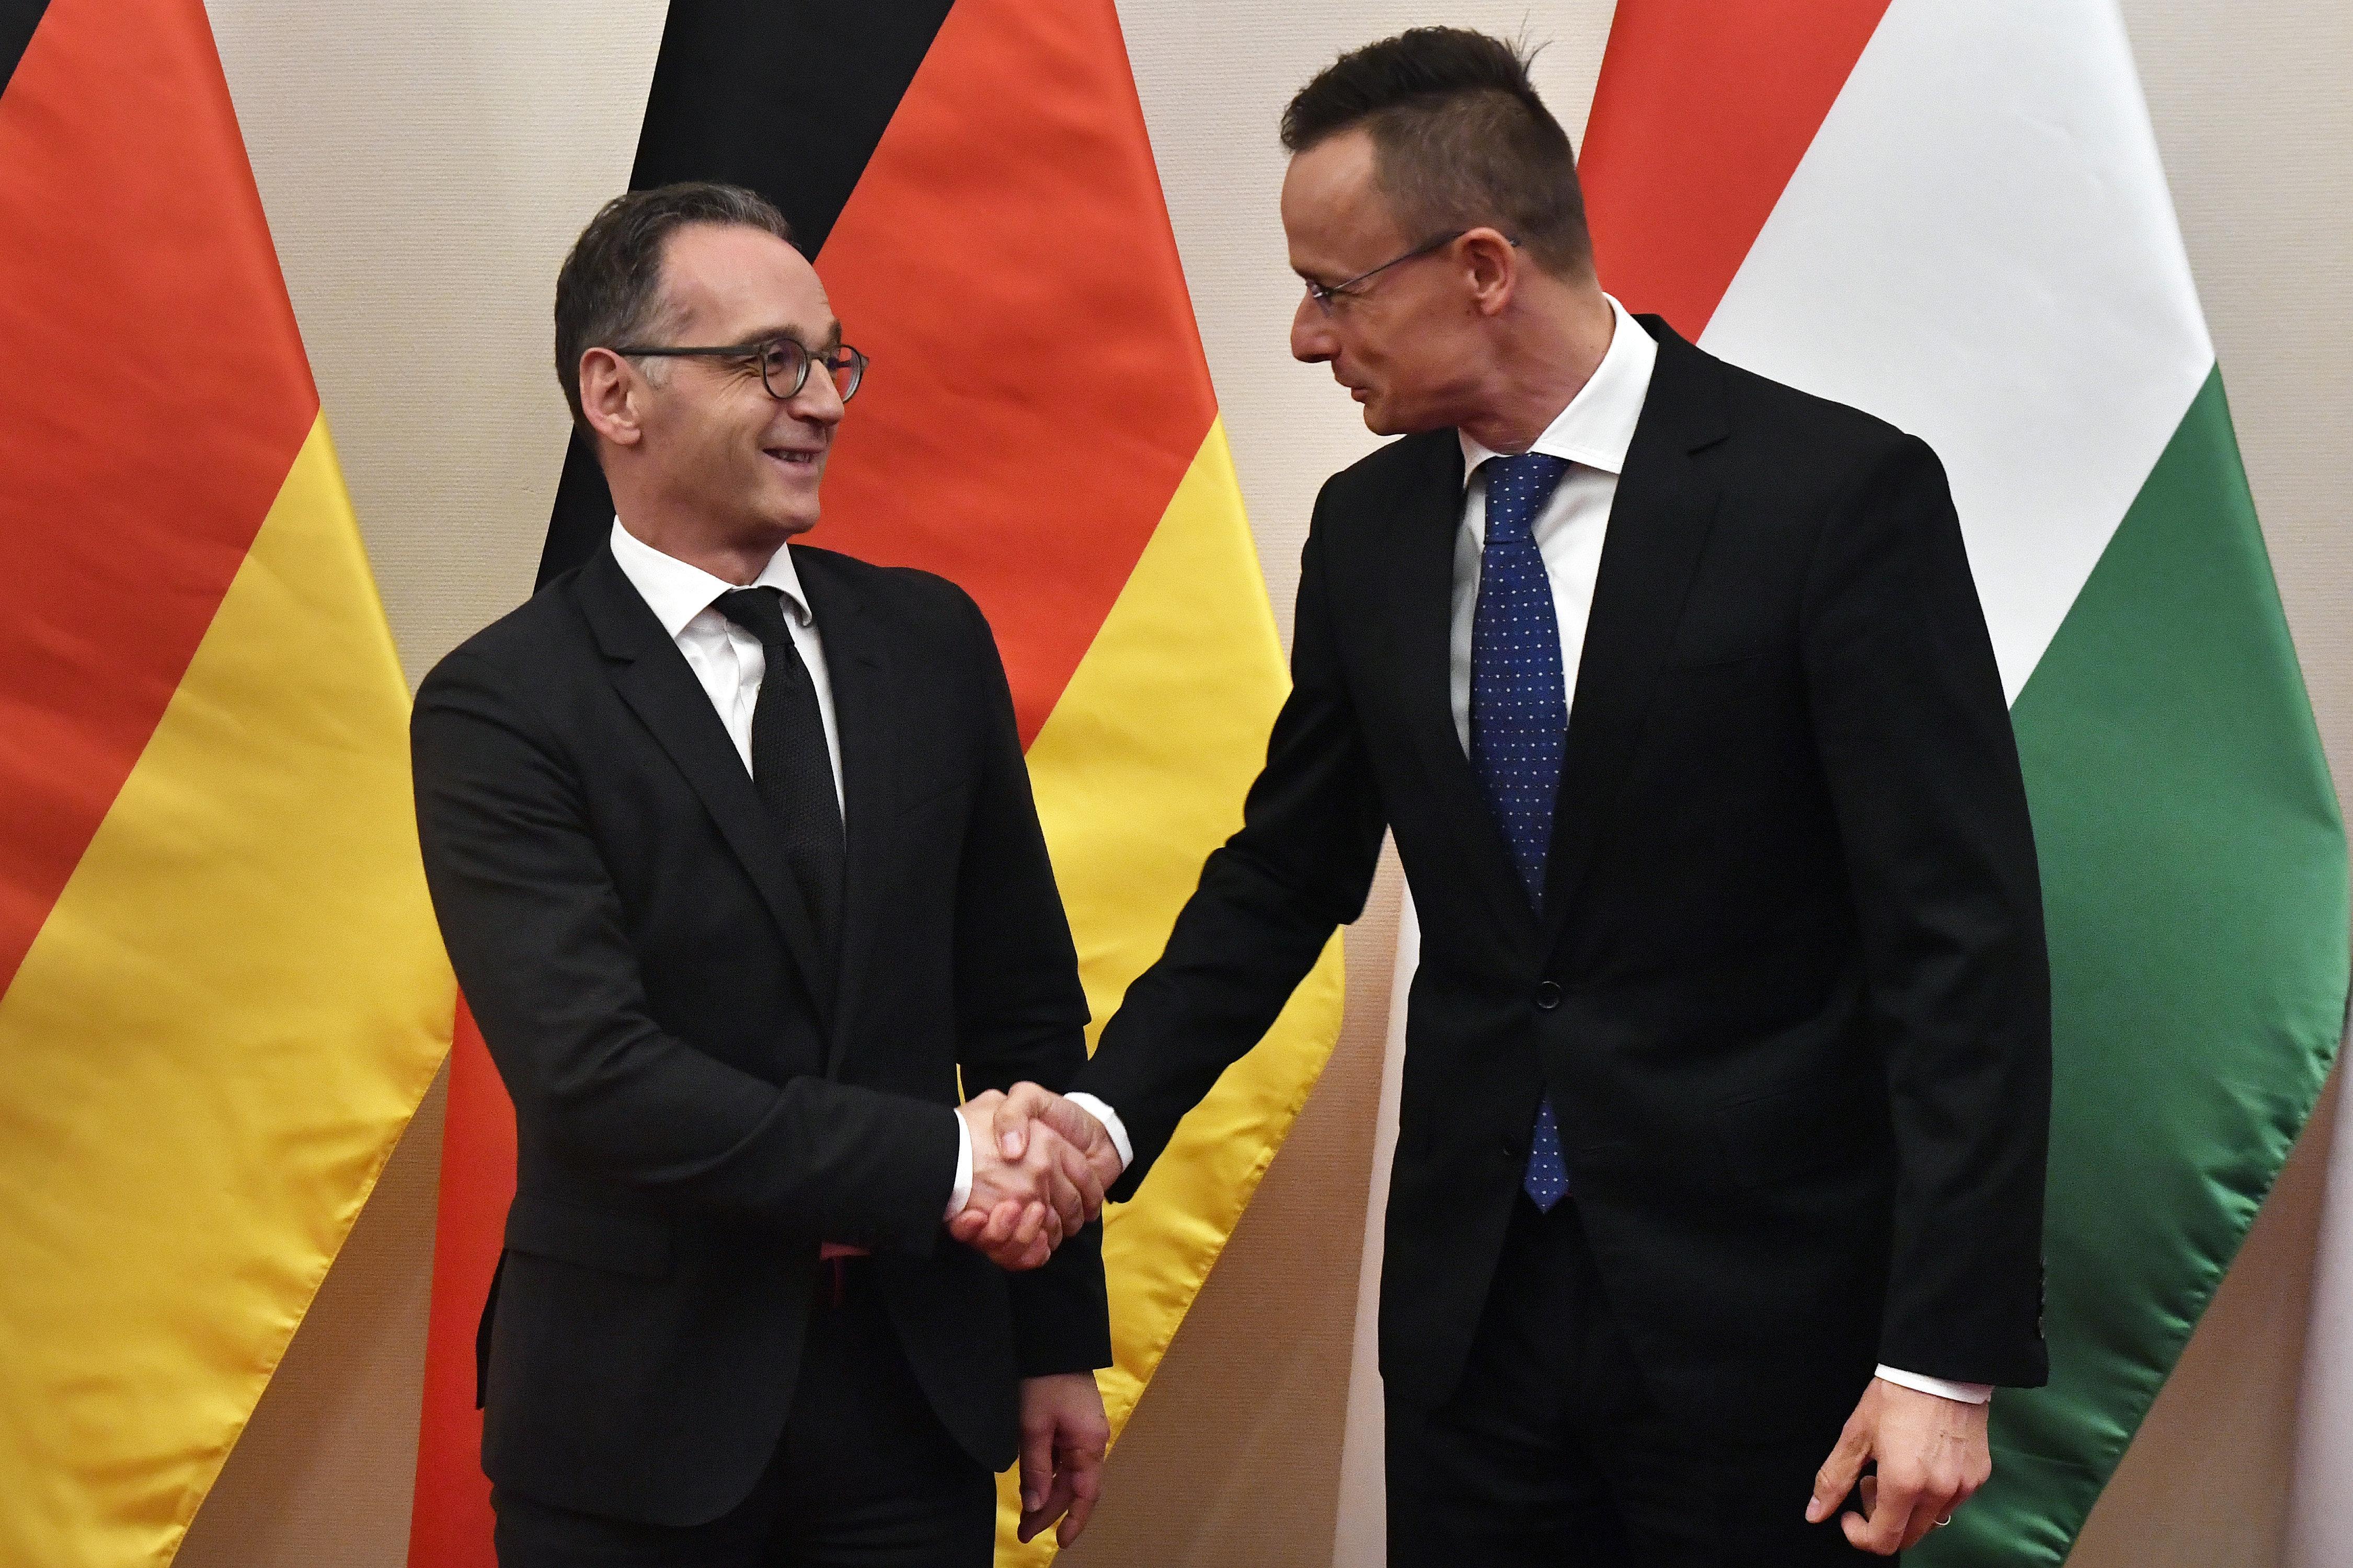 """Maas: """"Trotz Meinungsverschiedenheiten sollen wir gemeinsame Grundlage finden"""" post's picture"""